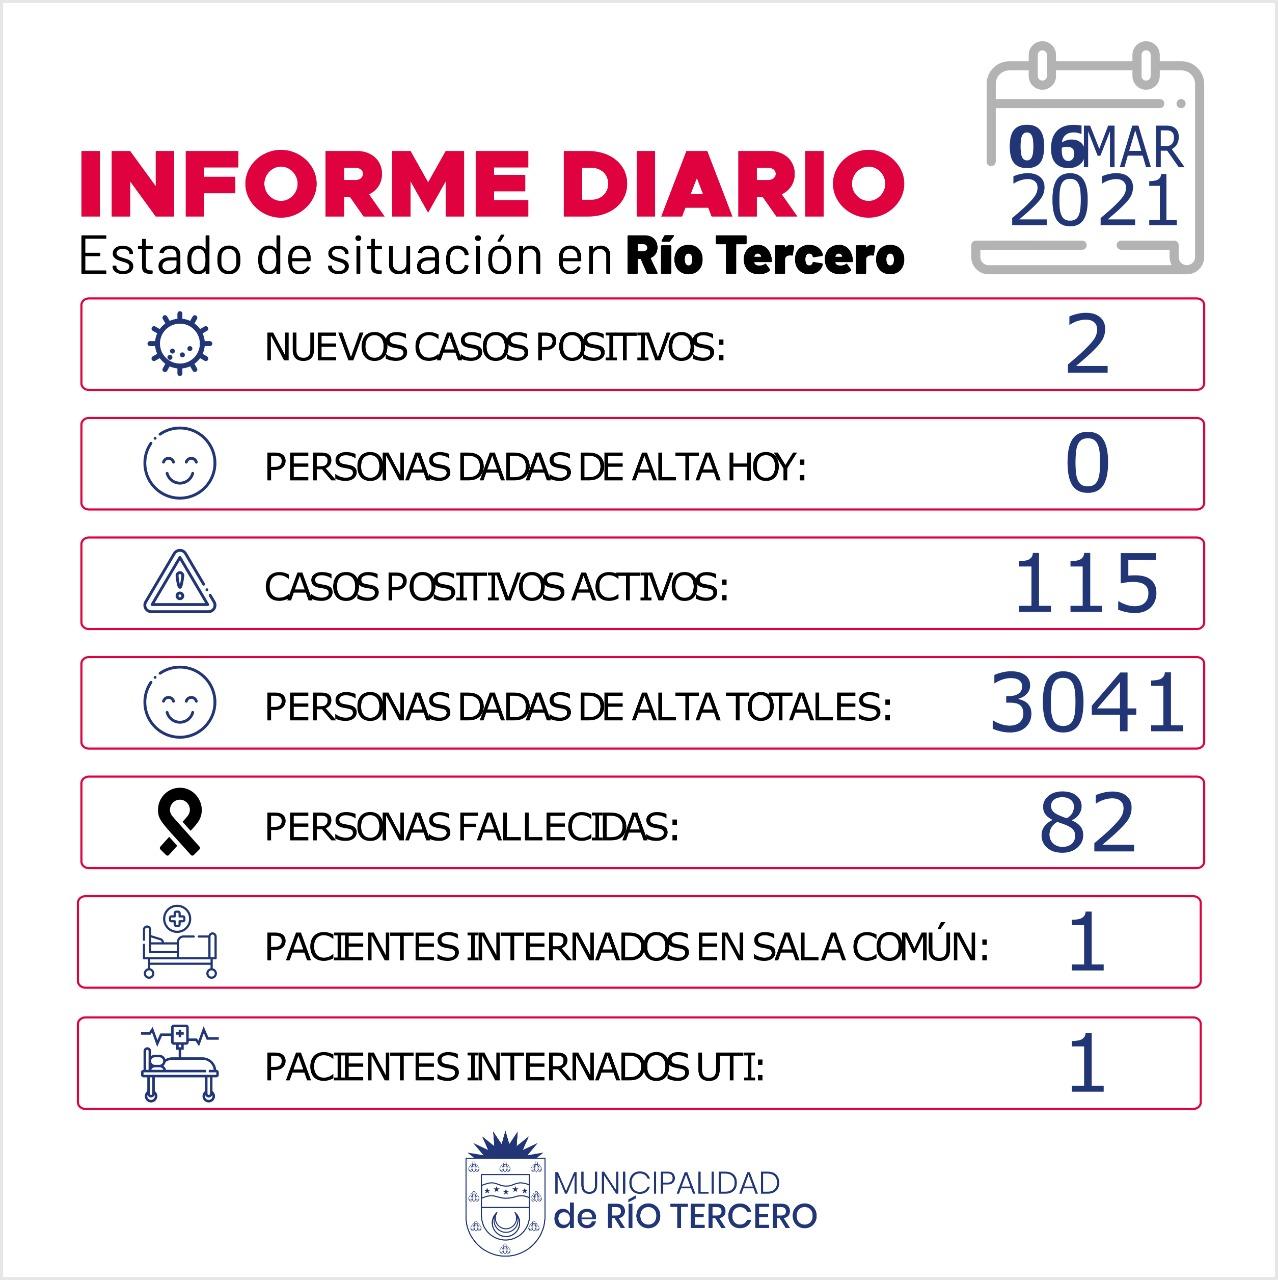 RÍO TERCERO SE REGISTRARON 2 NUEVOS CASOS POSITIVOS